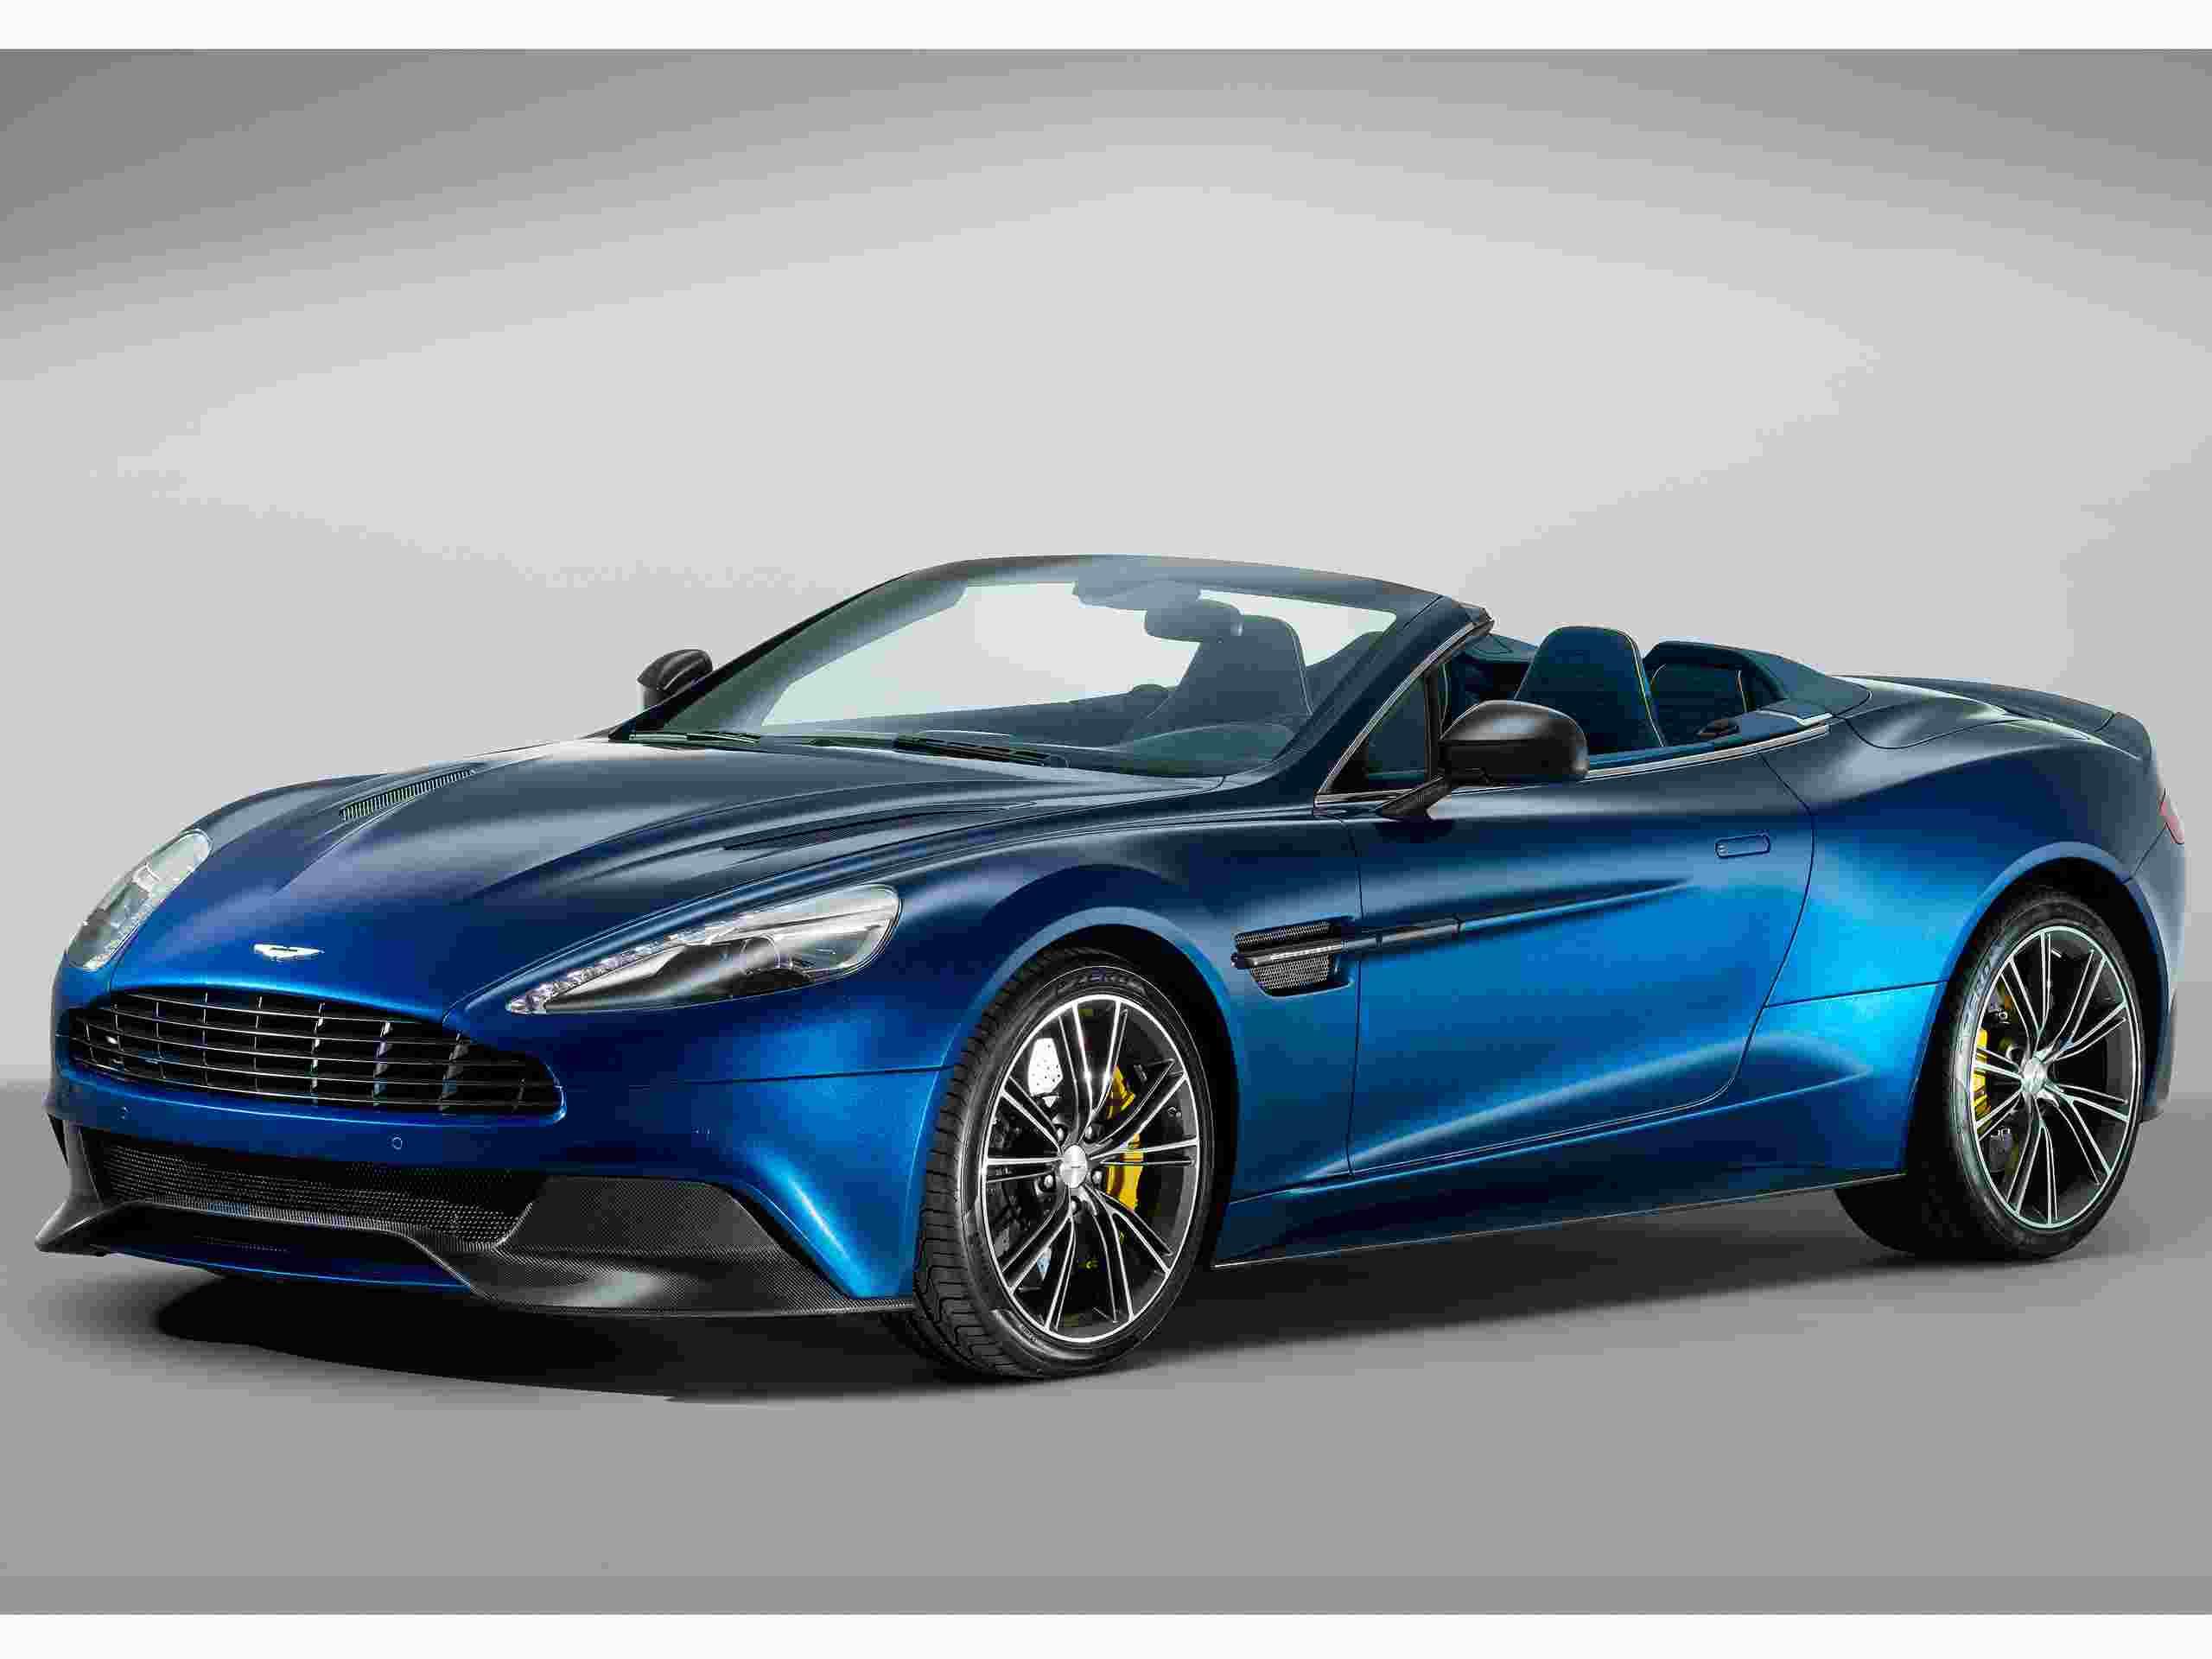 Aston Martin Vanquish Volante V12 Traum Roadster Buttlerben The Luxury Marketplace